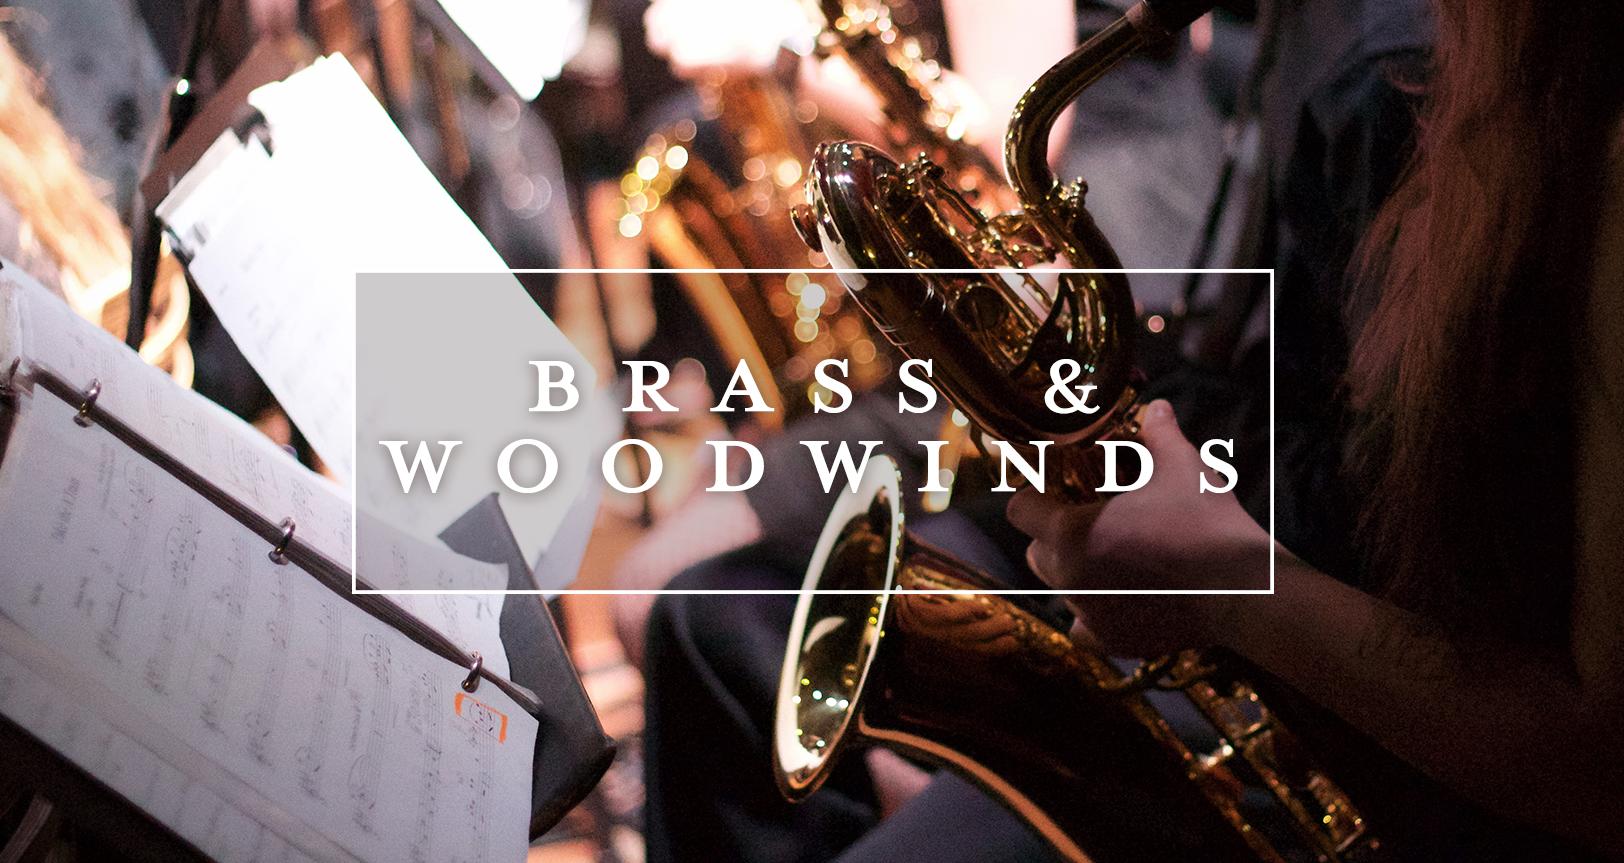 brass & woodwinds.jpg